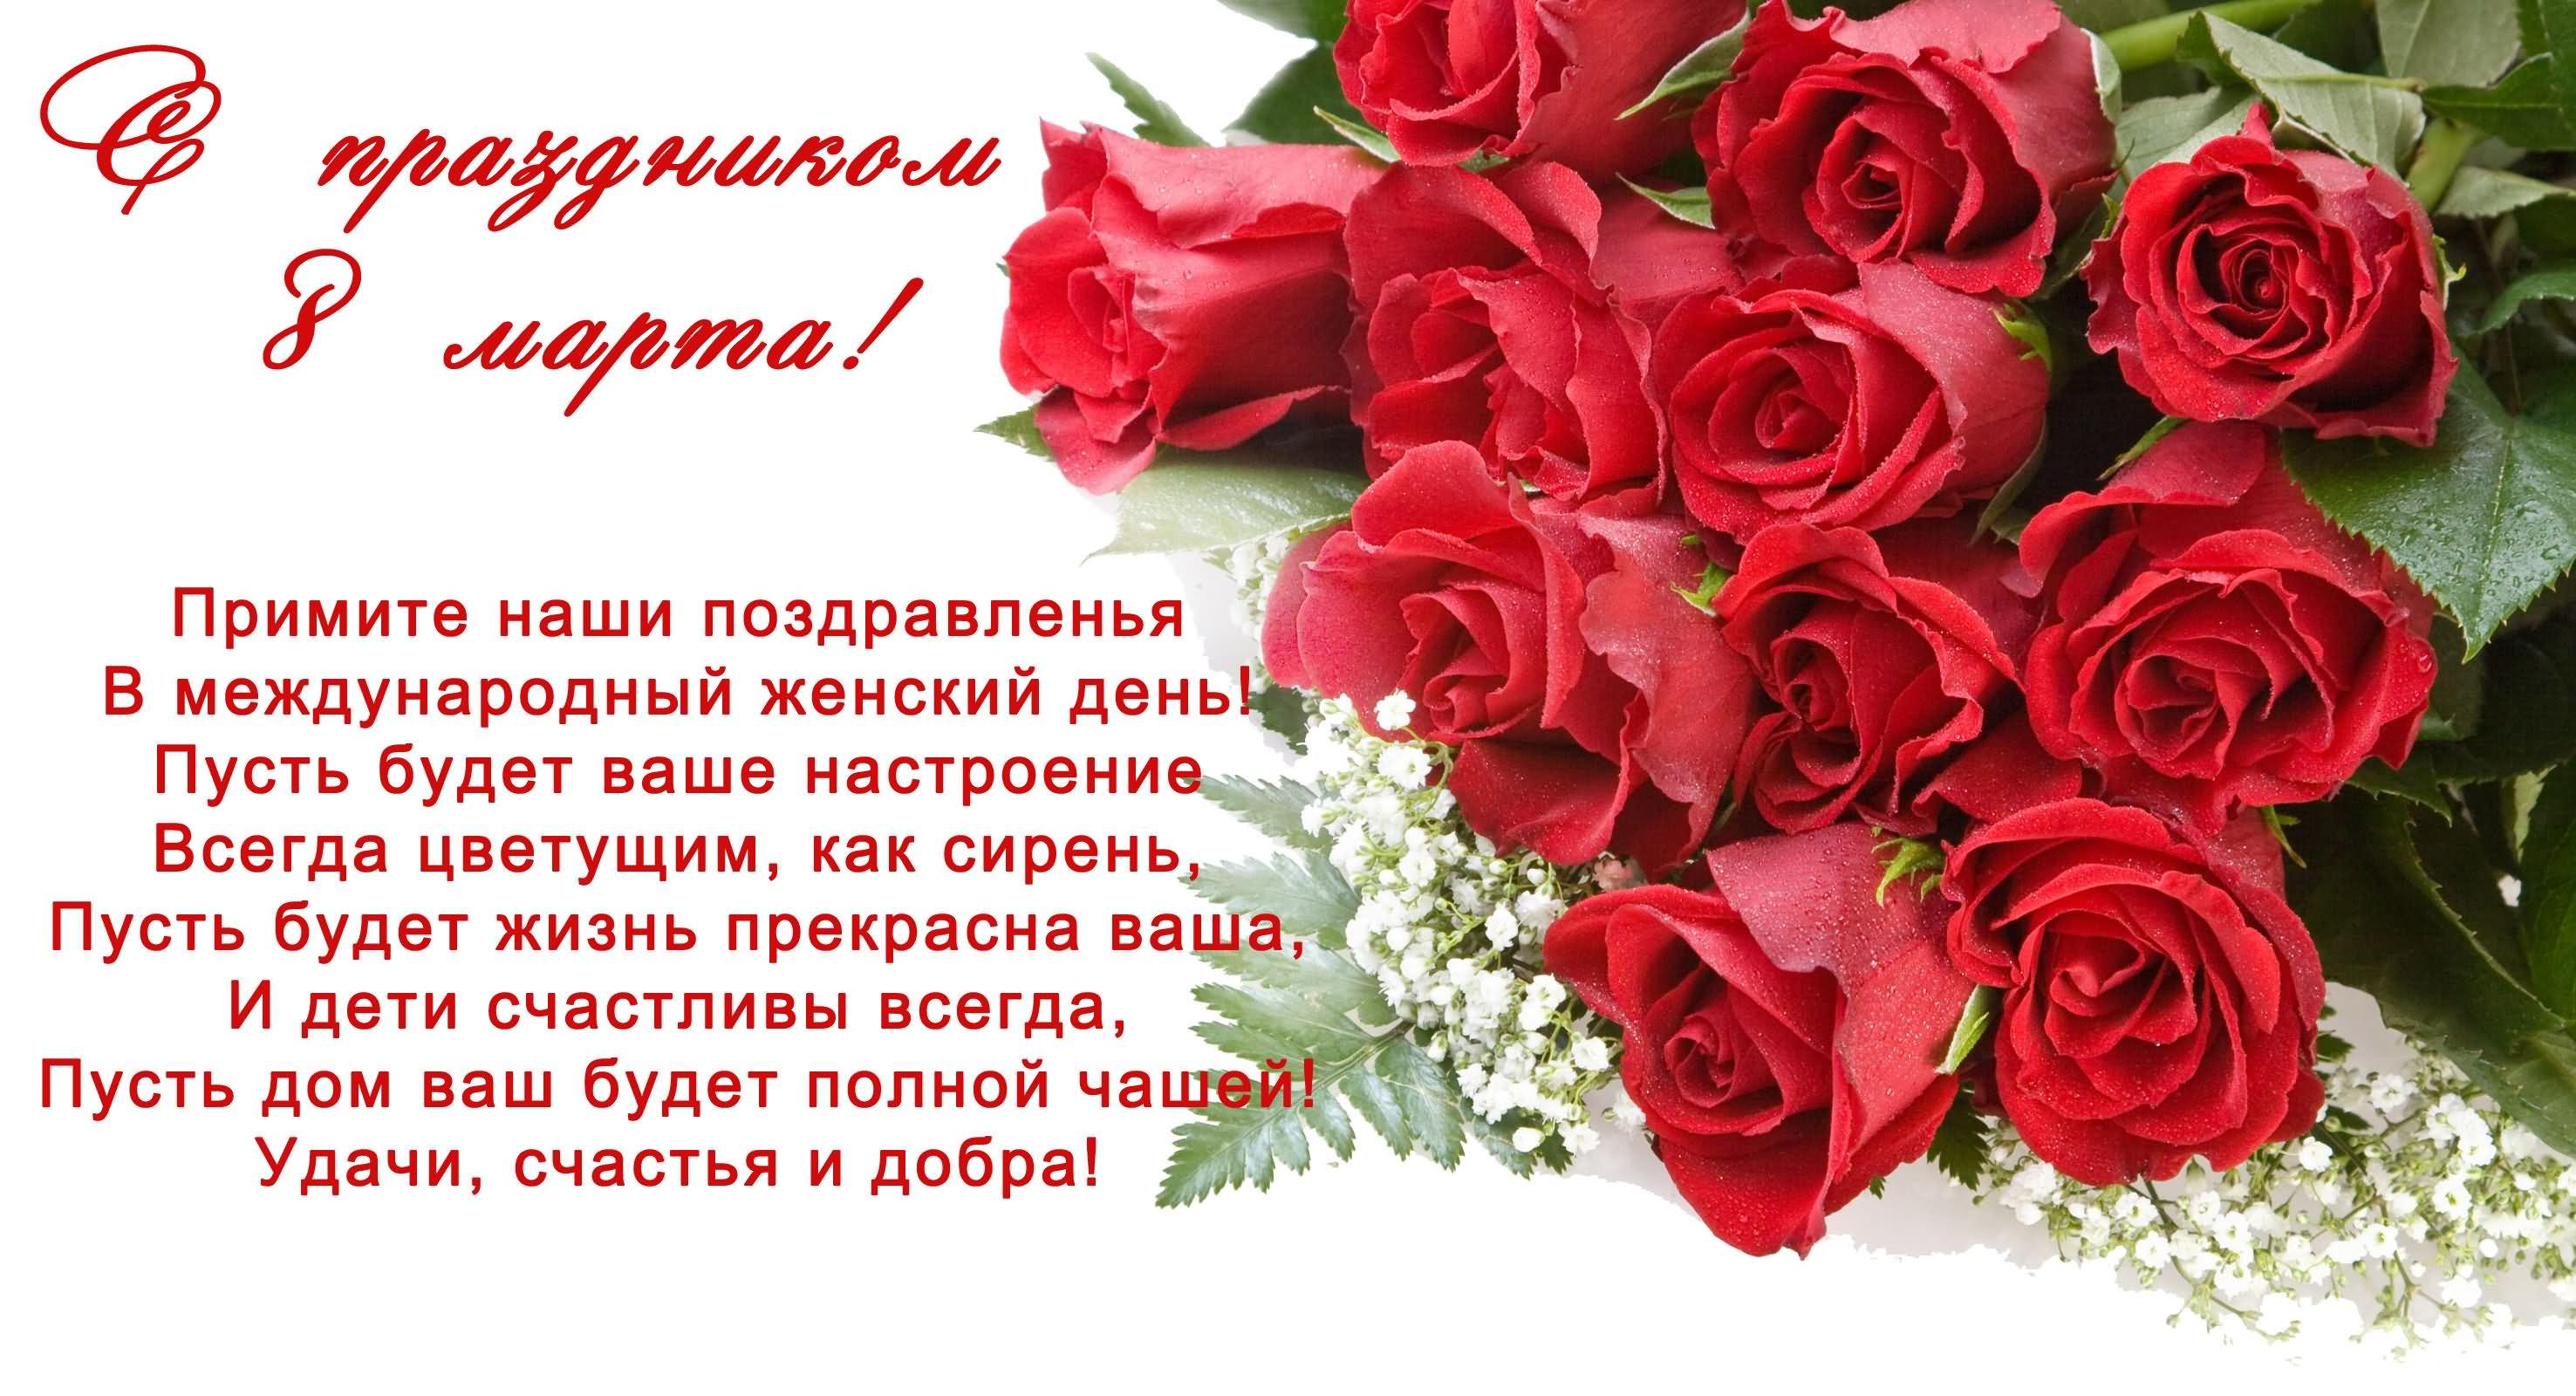 Красивые поздравления с 8 марта   podrobnosti.ua